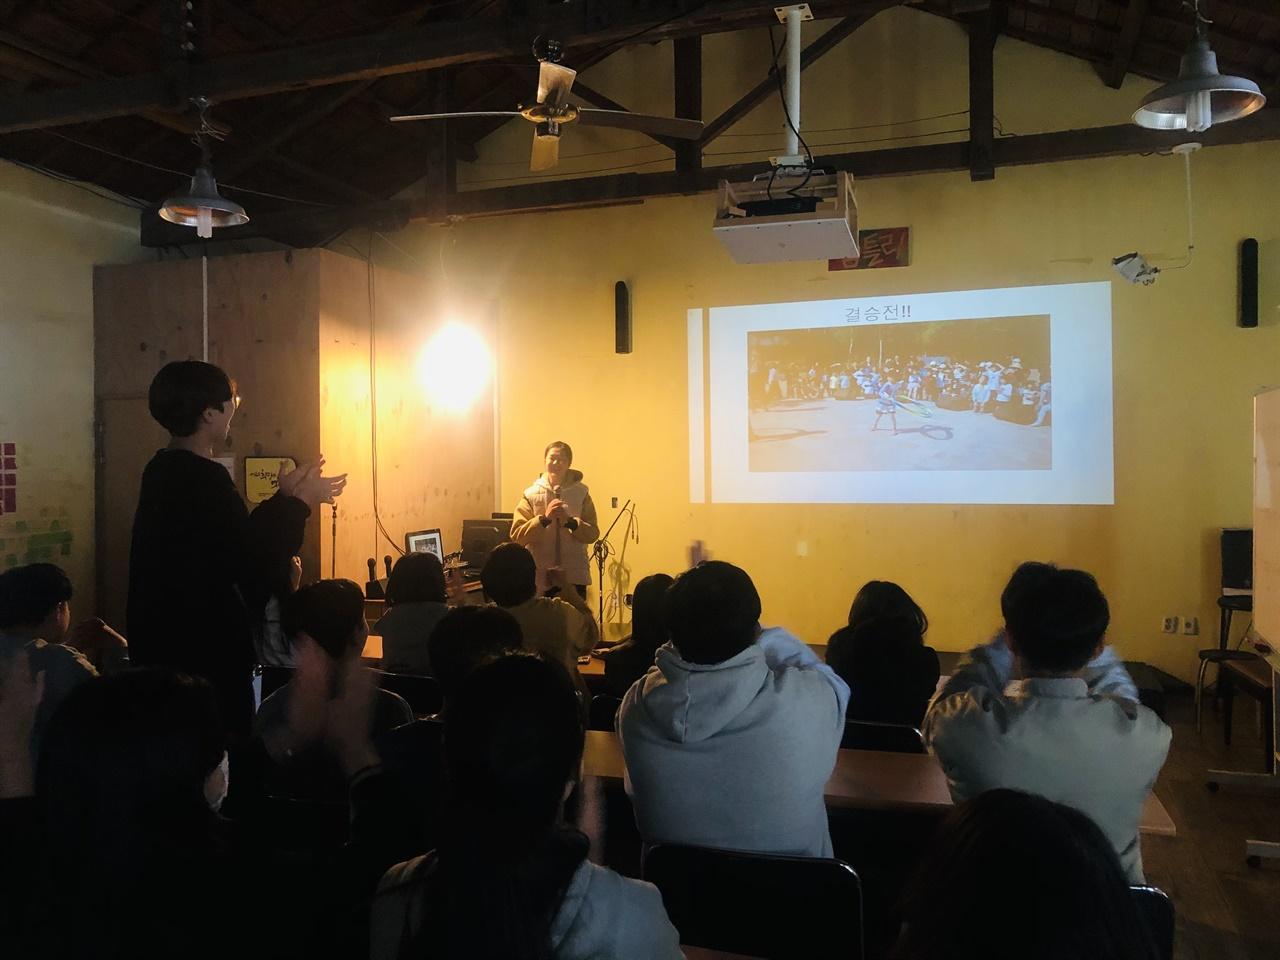 꿈틀리인생학교에서는 매일 저녁모임 시간에 자신의 이야기를 나눕니다. 실눈이가 자신의 이야기를 친구들과 나누고 있습니다.